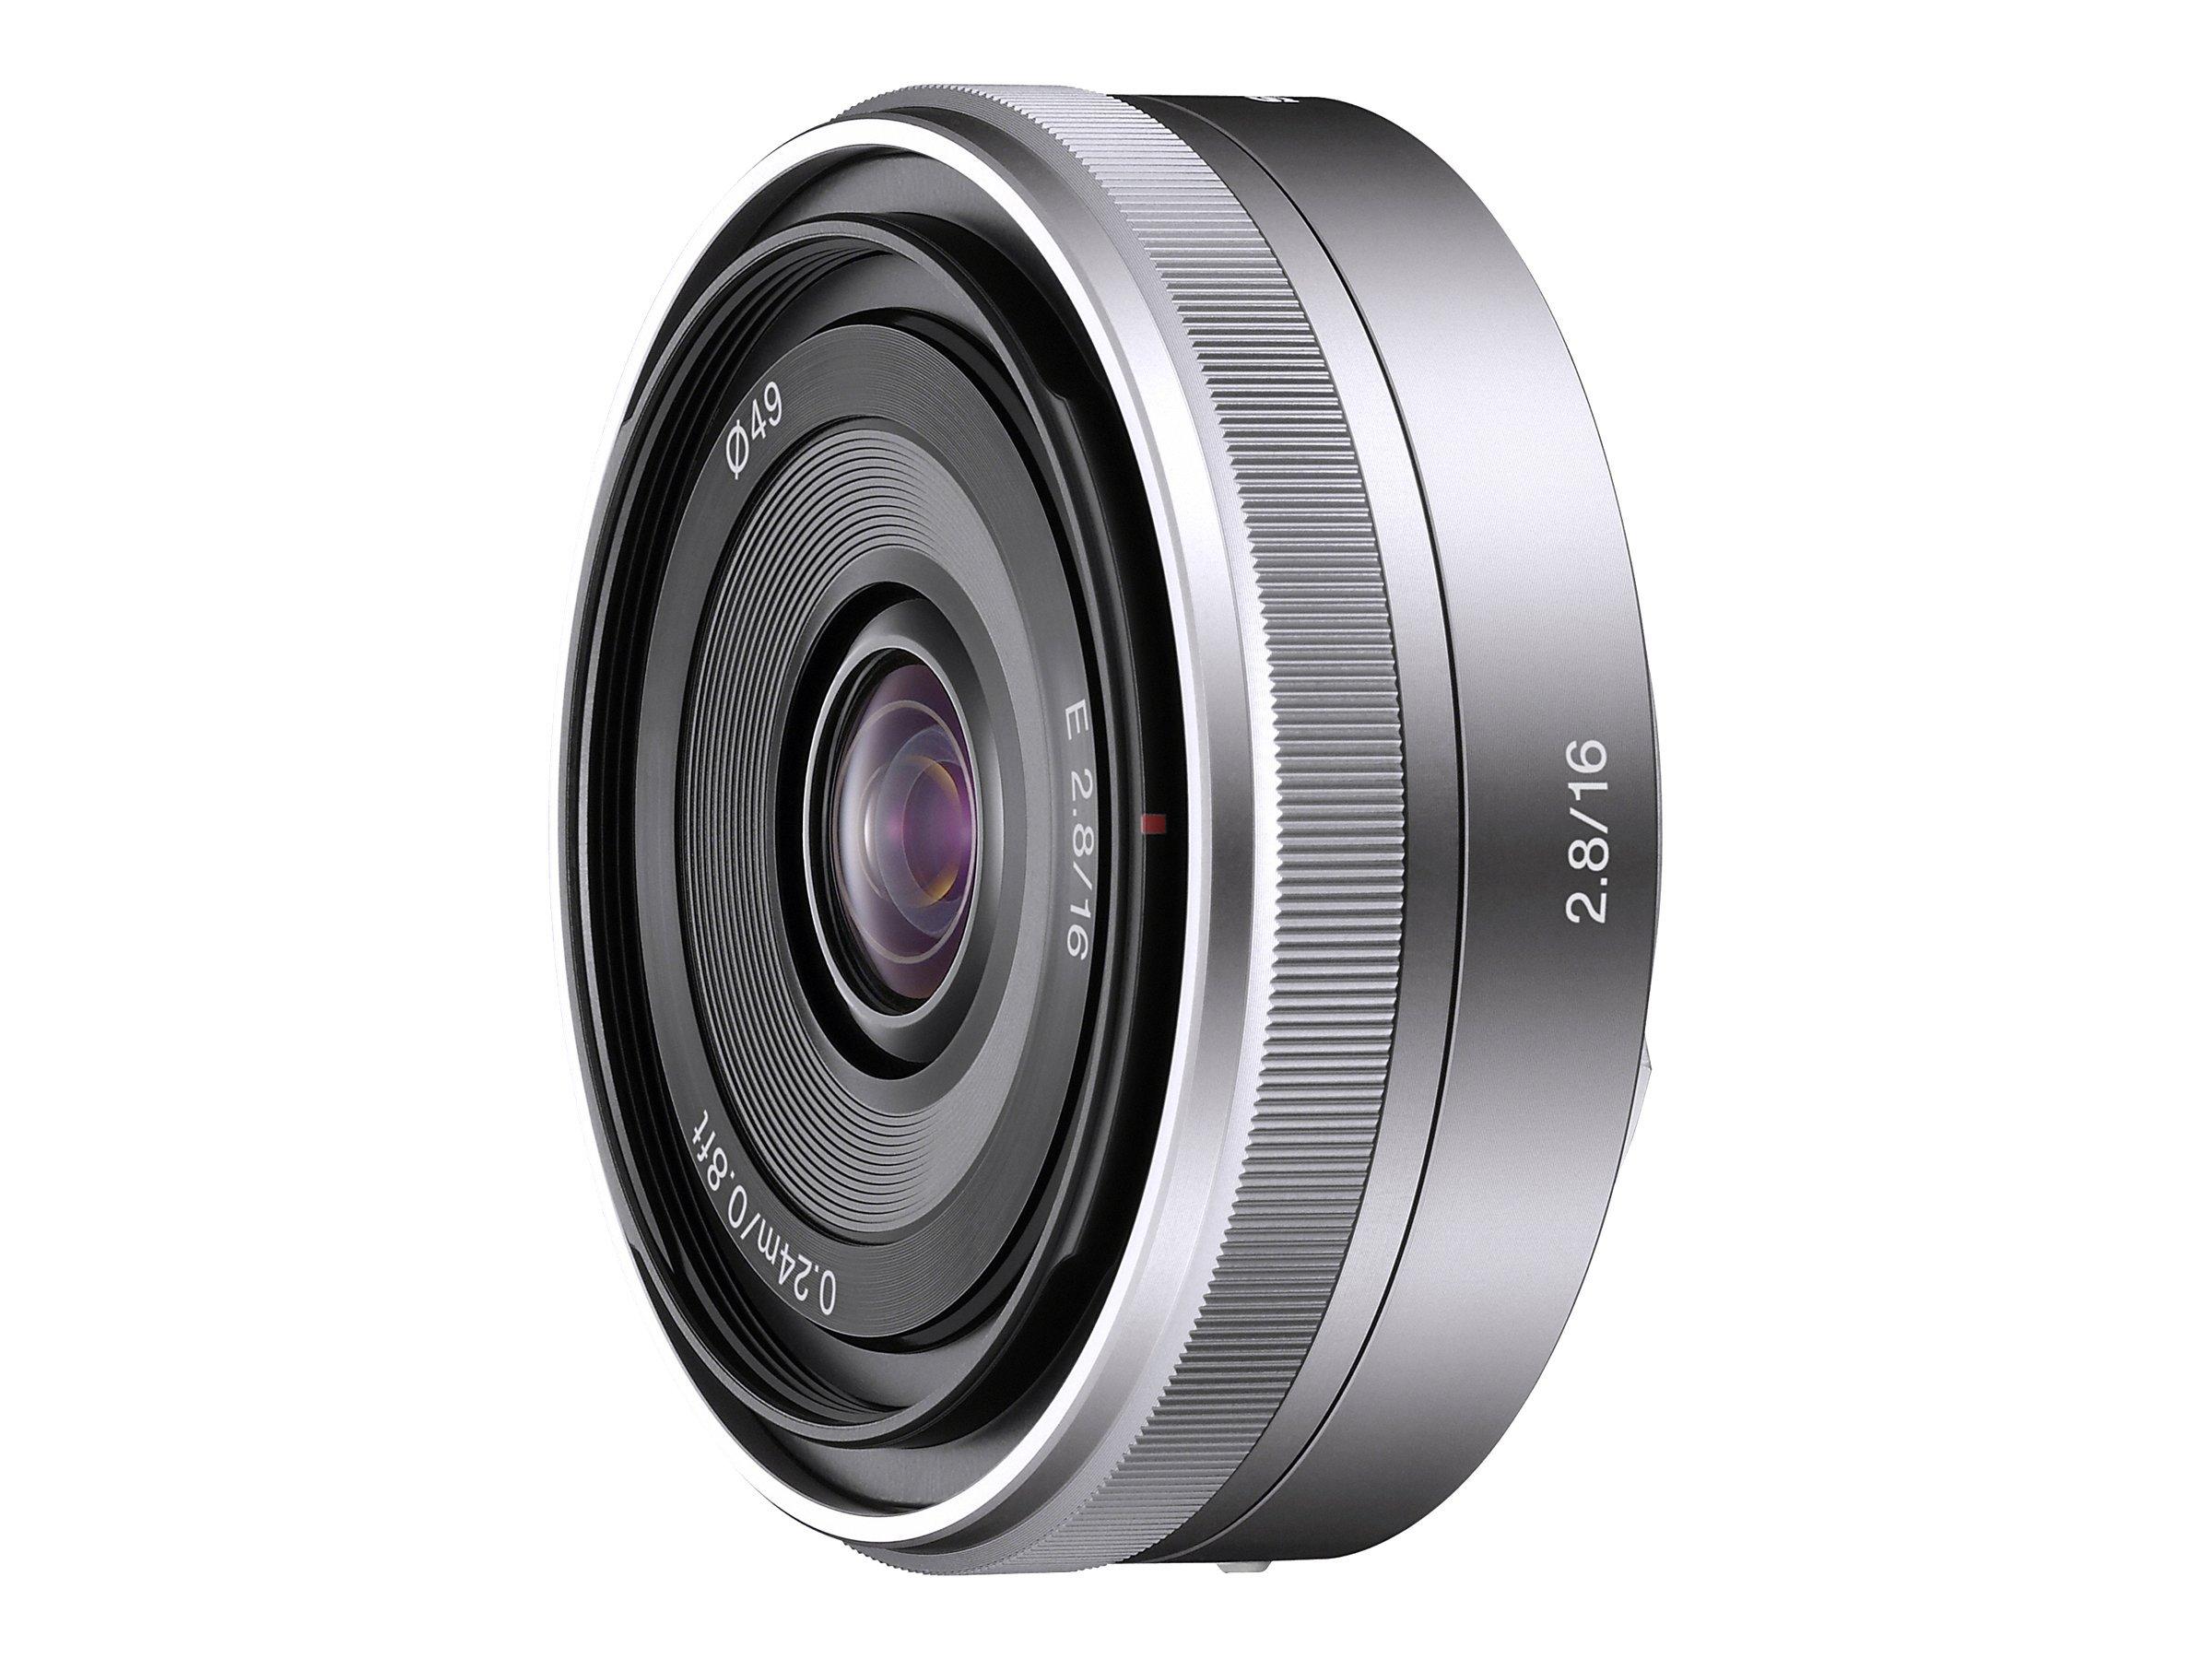 Sony SEL16F28 - Weitwinkelobjektiv - 16 mm - f/2.8 - Sony E-mount - für NXCAM NEX-FS100E, NEX-FS100EK